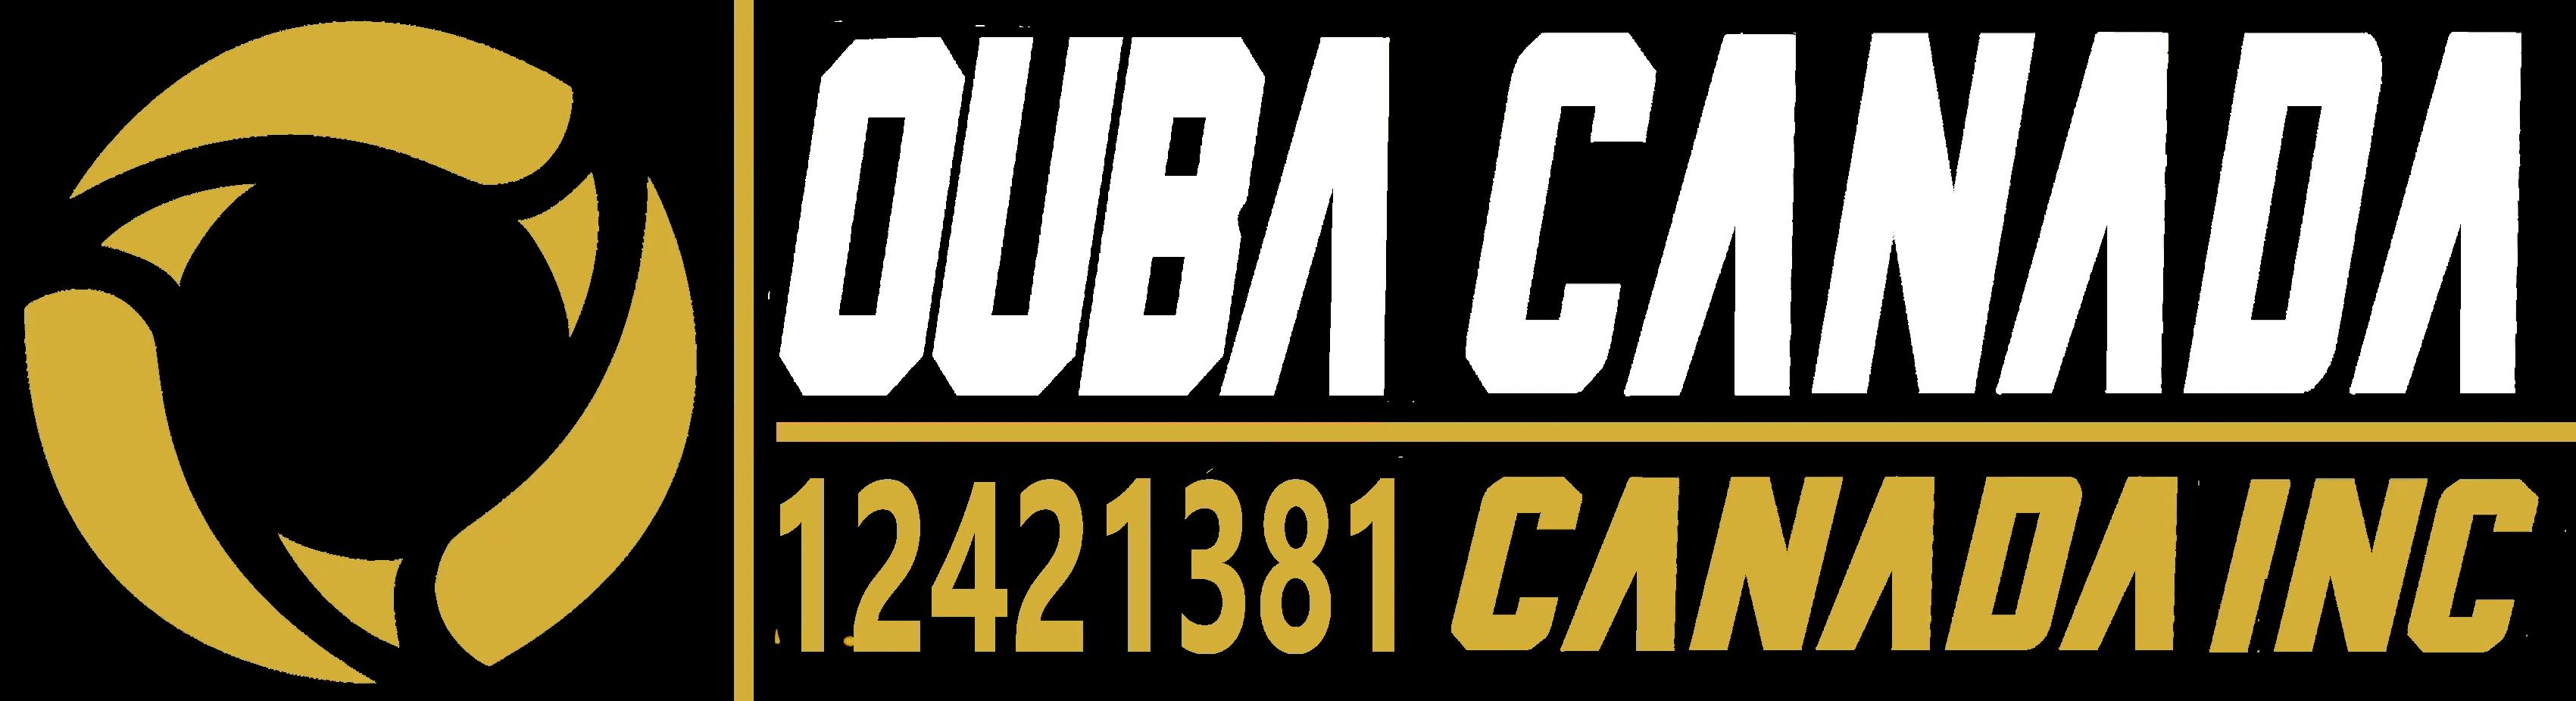 OUBA CANADA